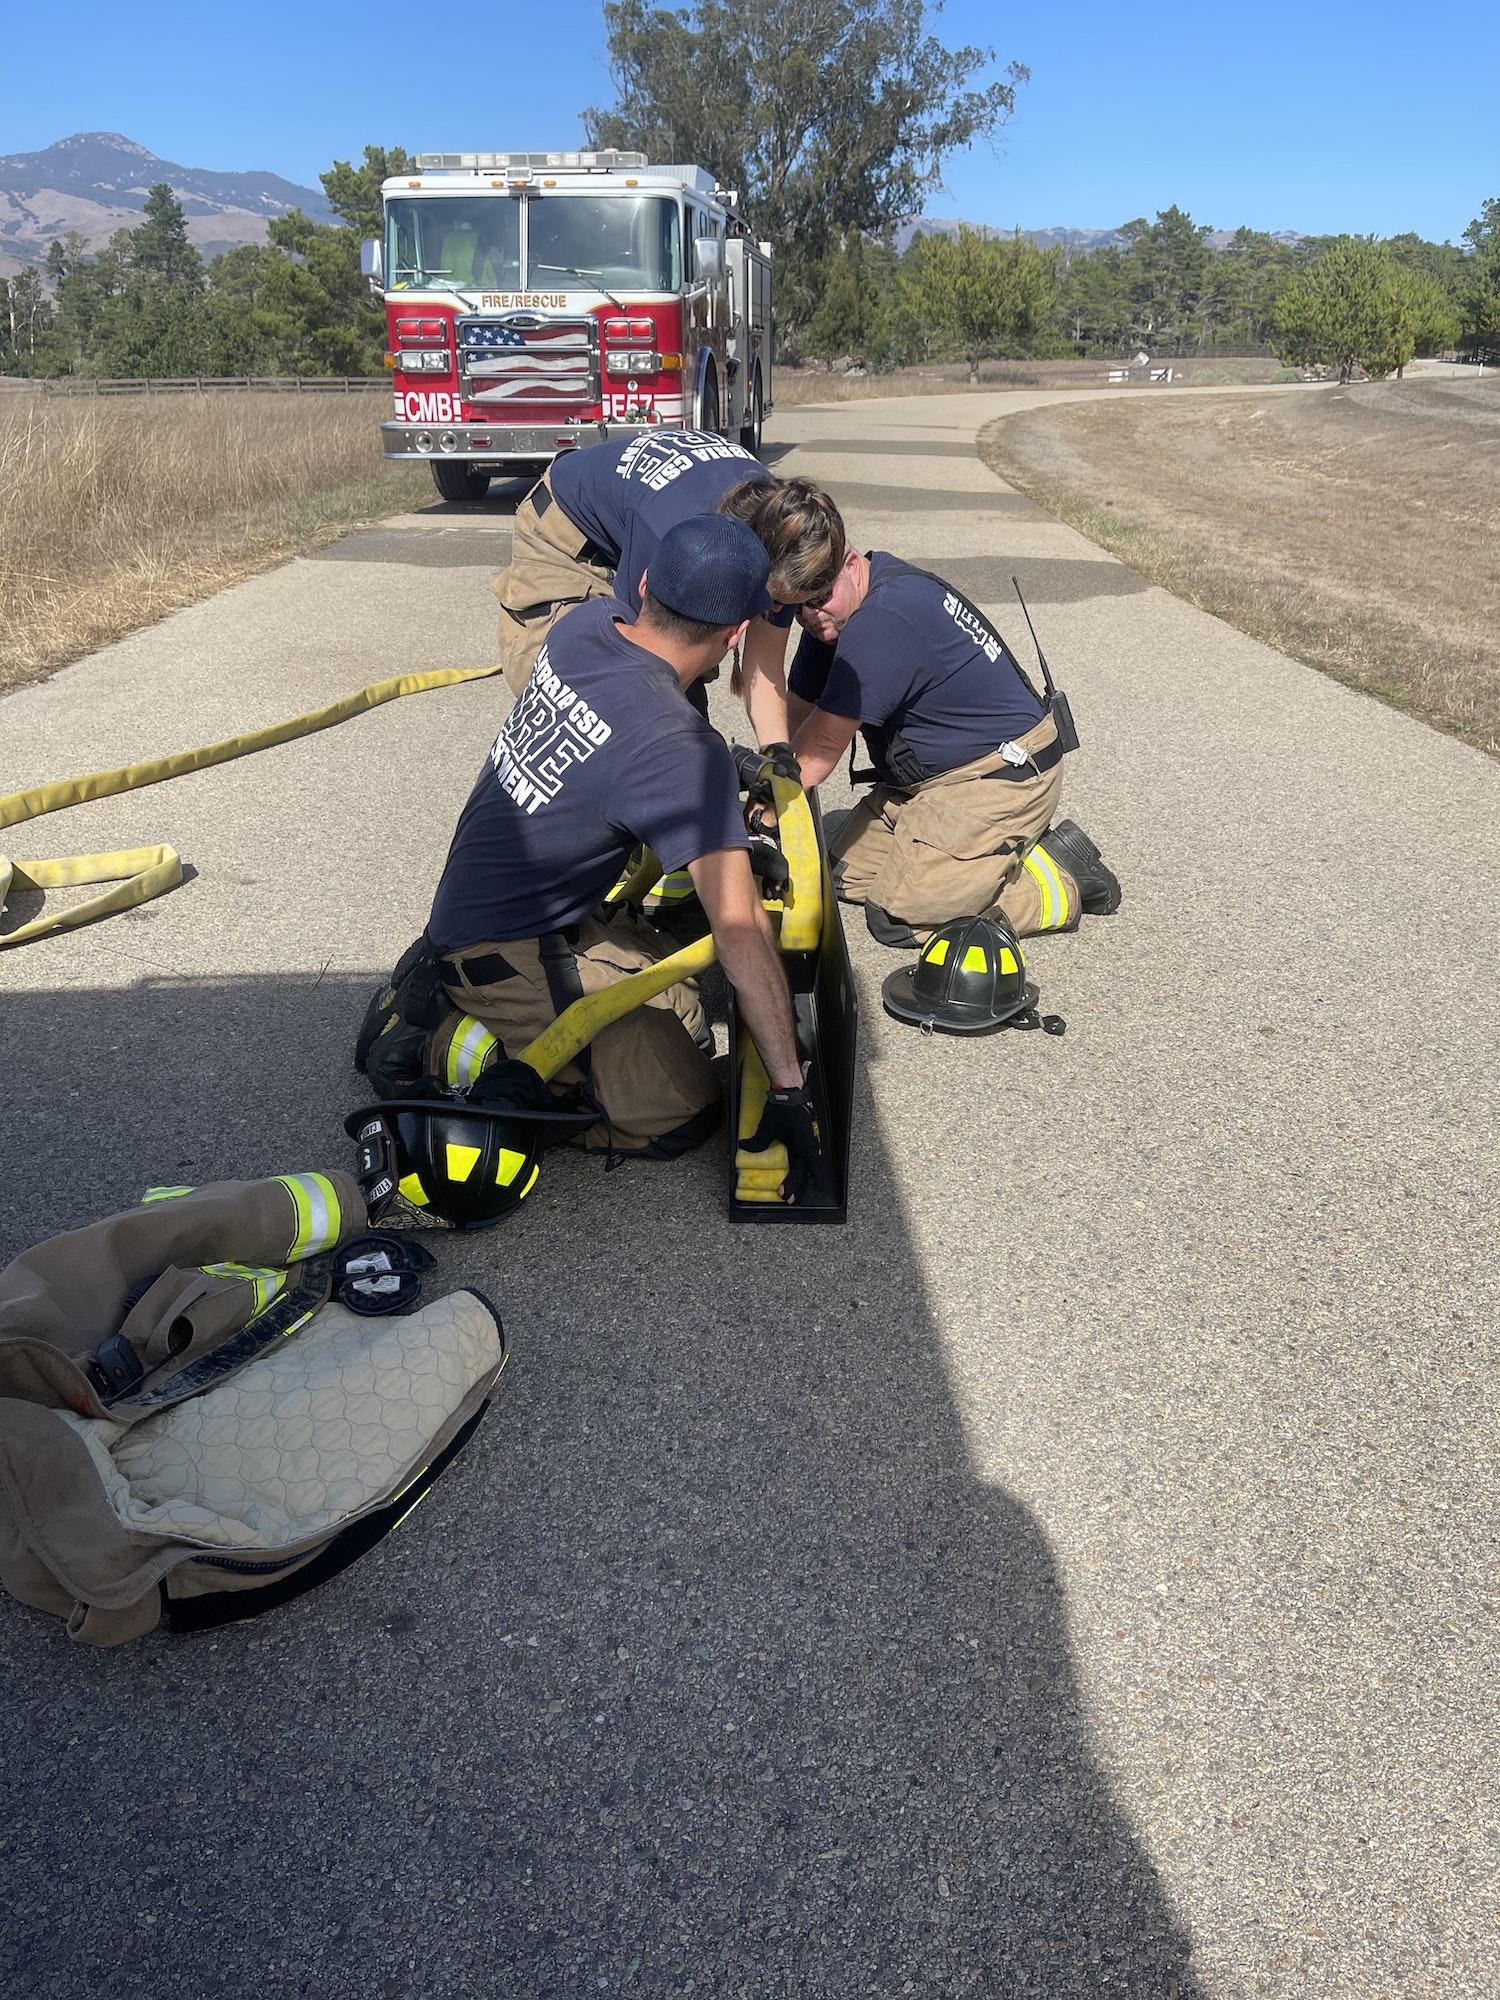 May contain: person, human, tarmac, asphalt, and fireman